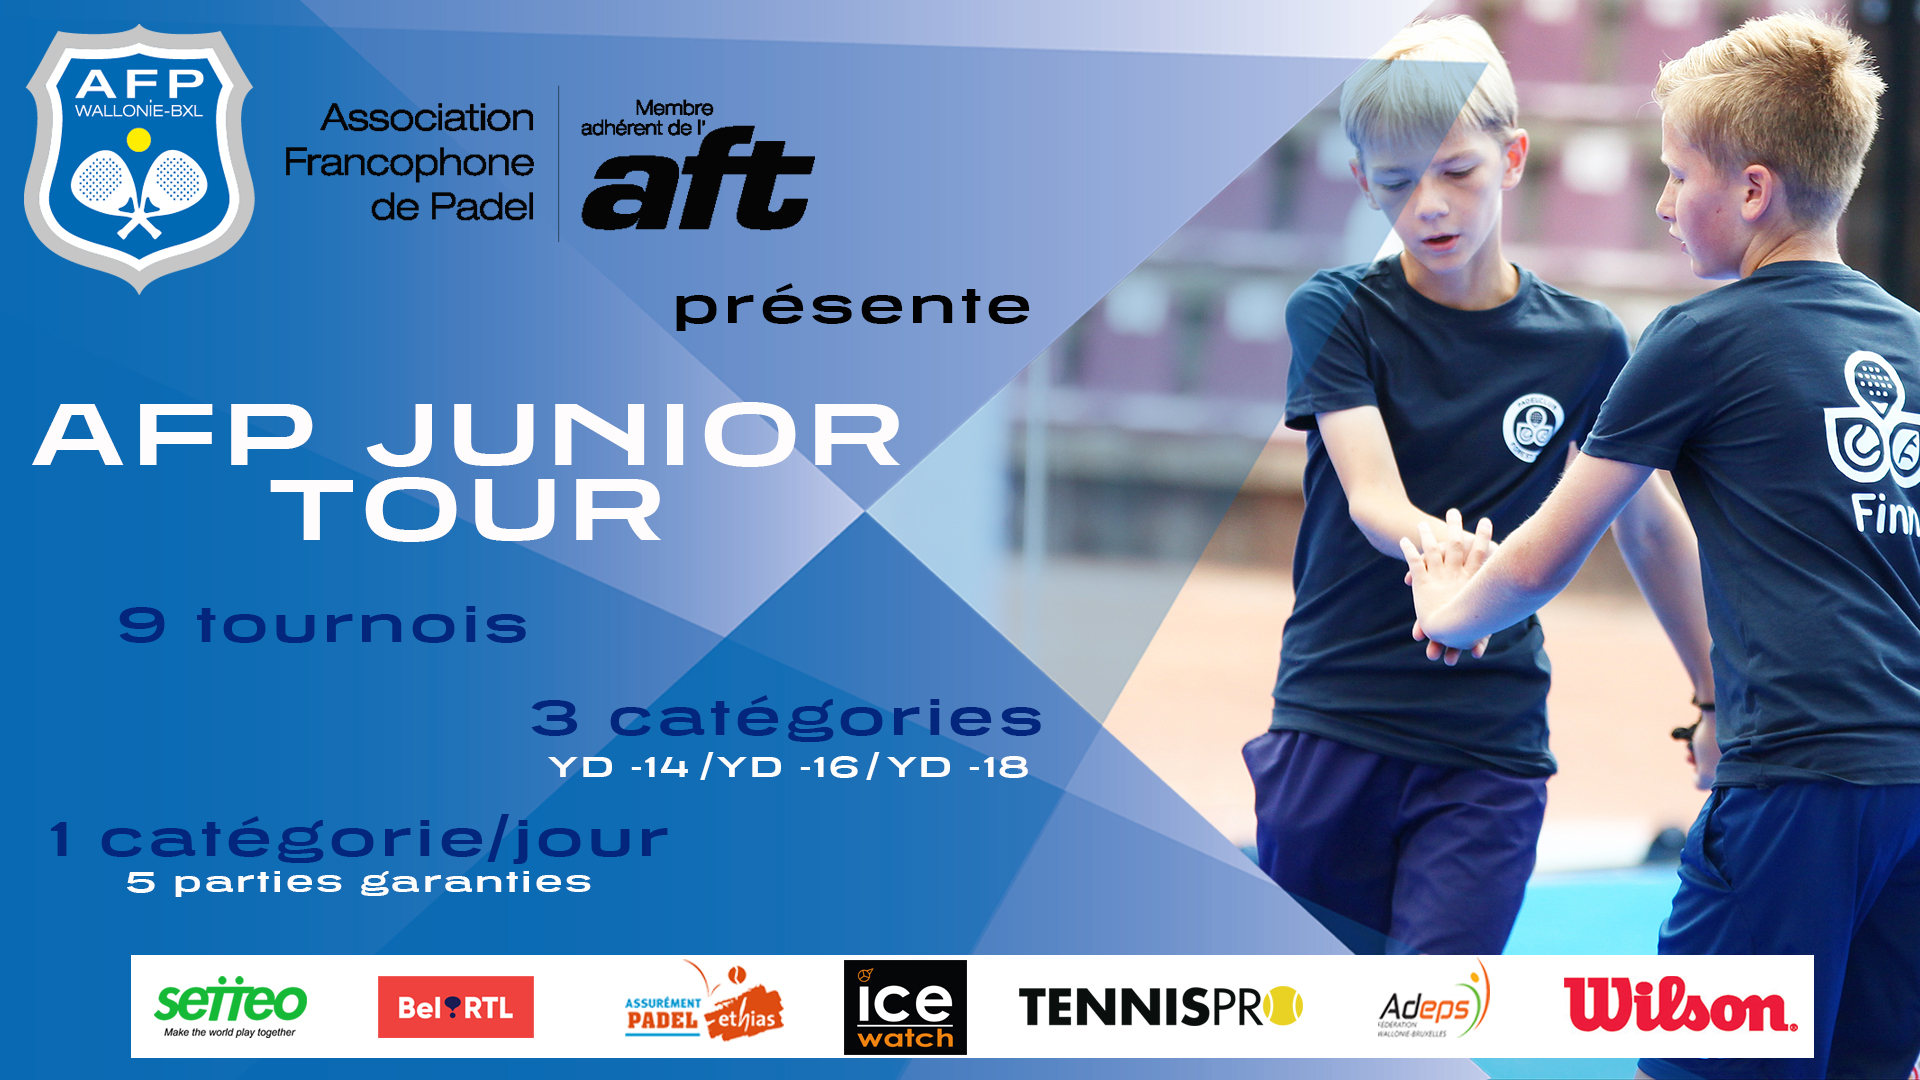 AFP Junior Tour : inscrivez les jeunes en tournoi !